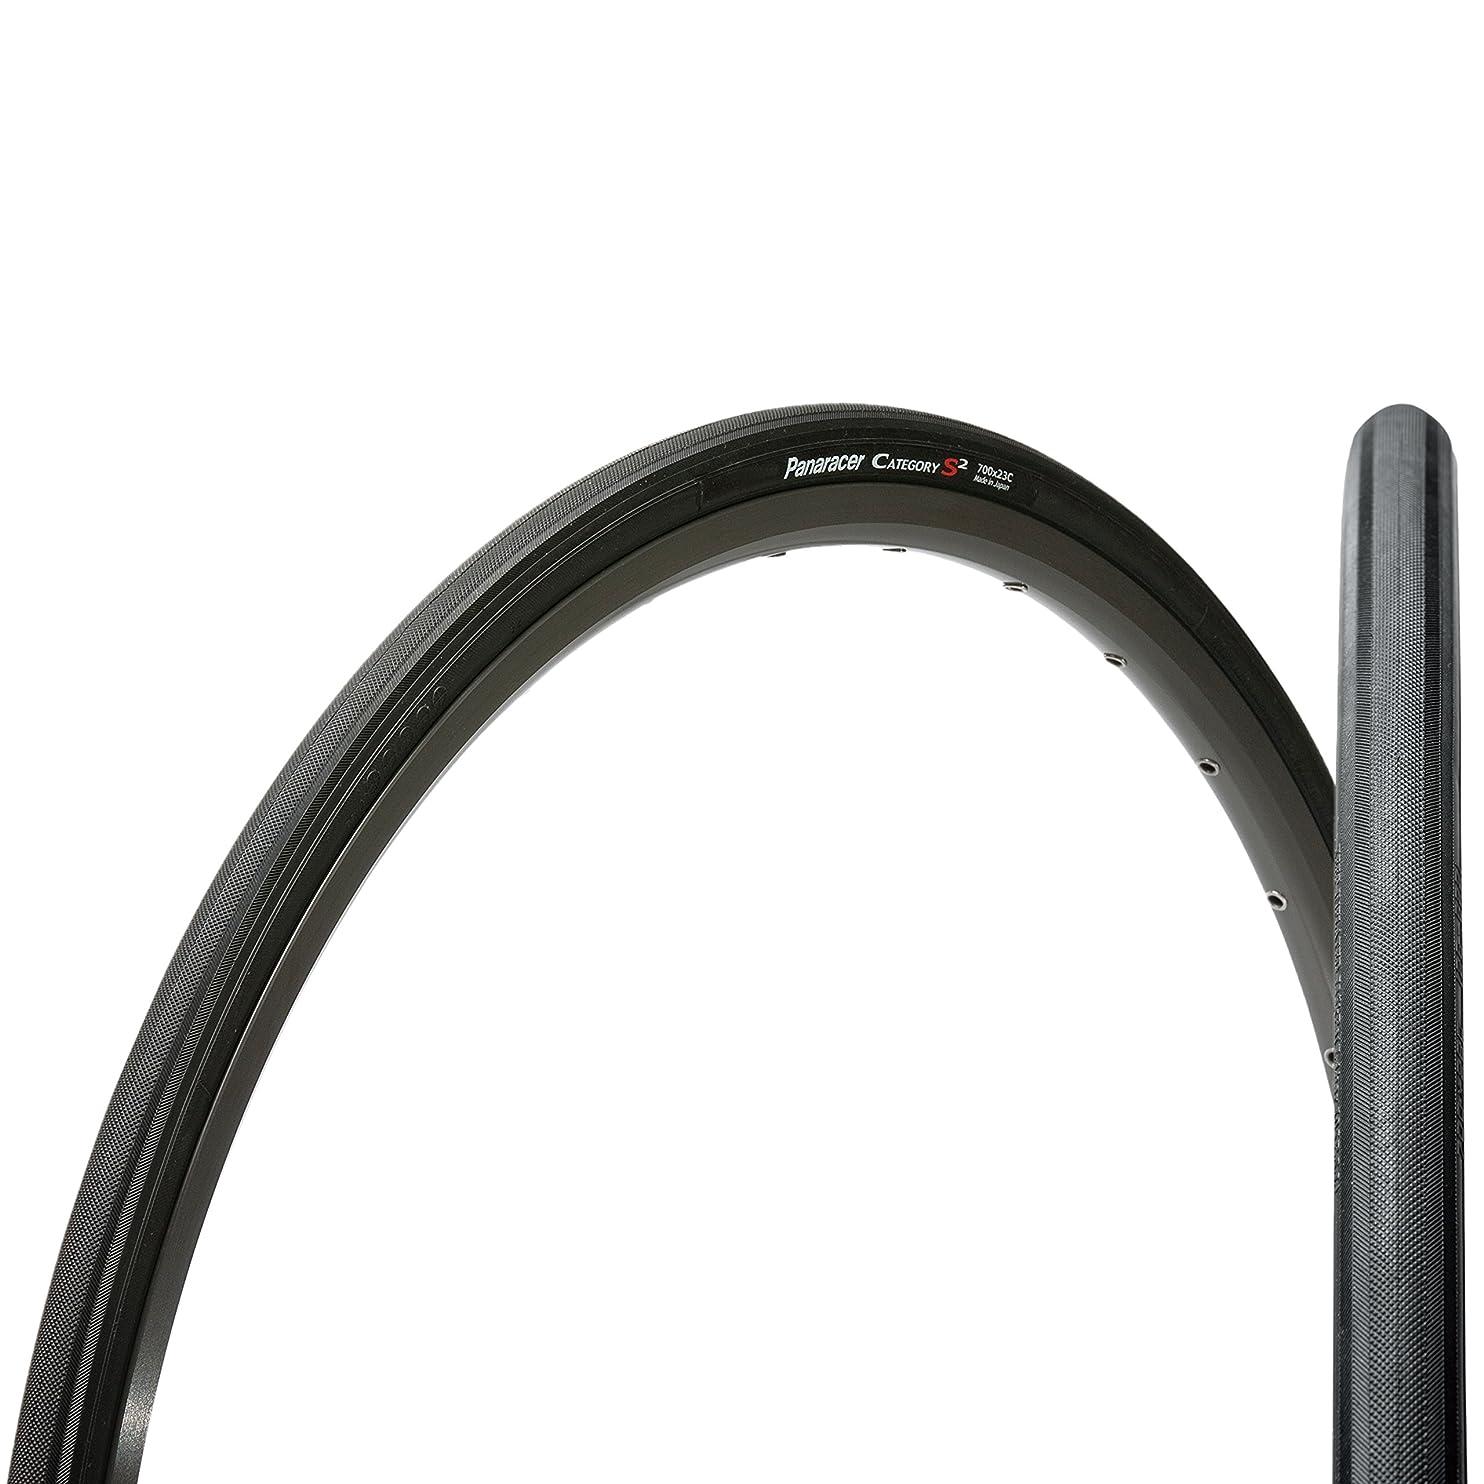 画面散らす支配的パナレーサー(Panaracer) クリンチャー タイヤ [700×23C] カテゴリー S2 F723-CATS-B2 ブラック ( ロードバイク クロスバイク / 通勤 街乗り ツーリング ロングライド用 )